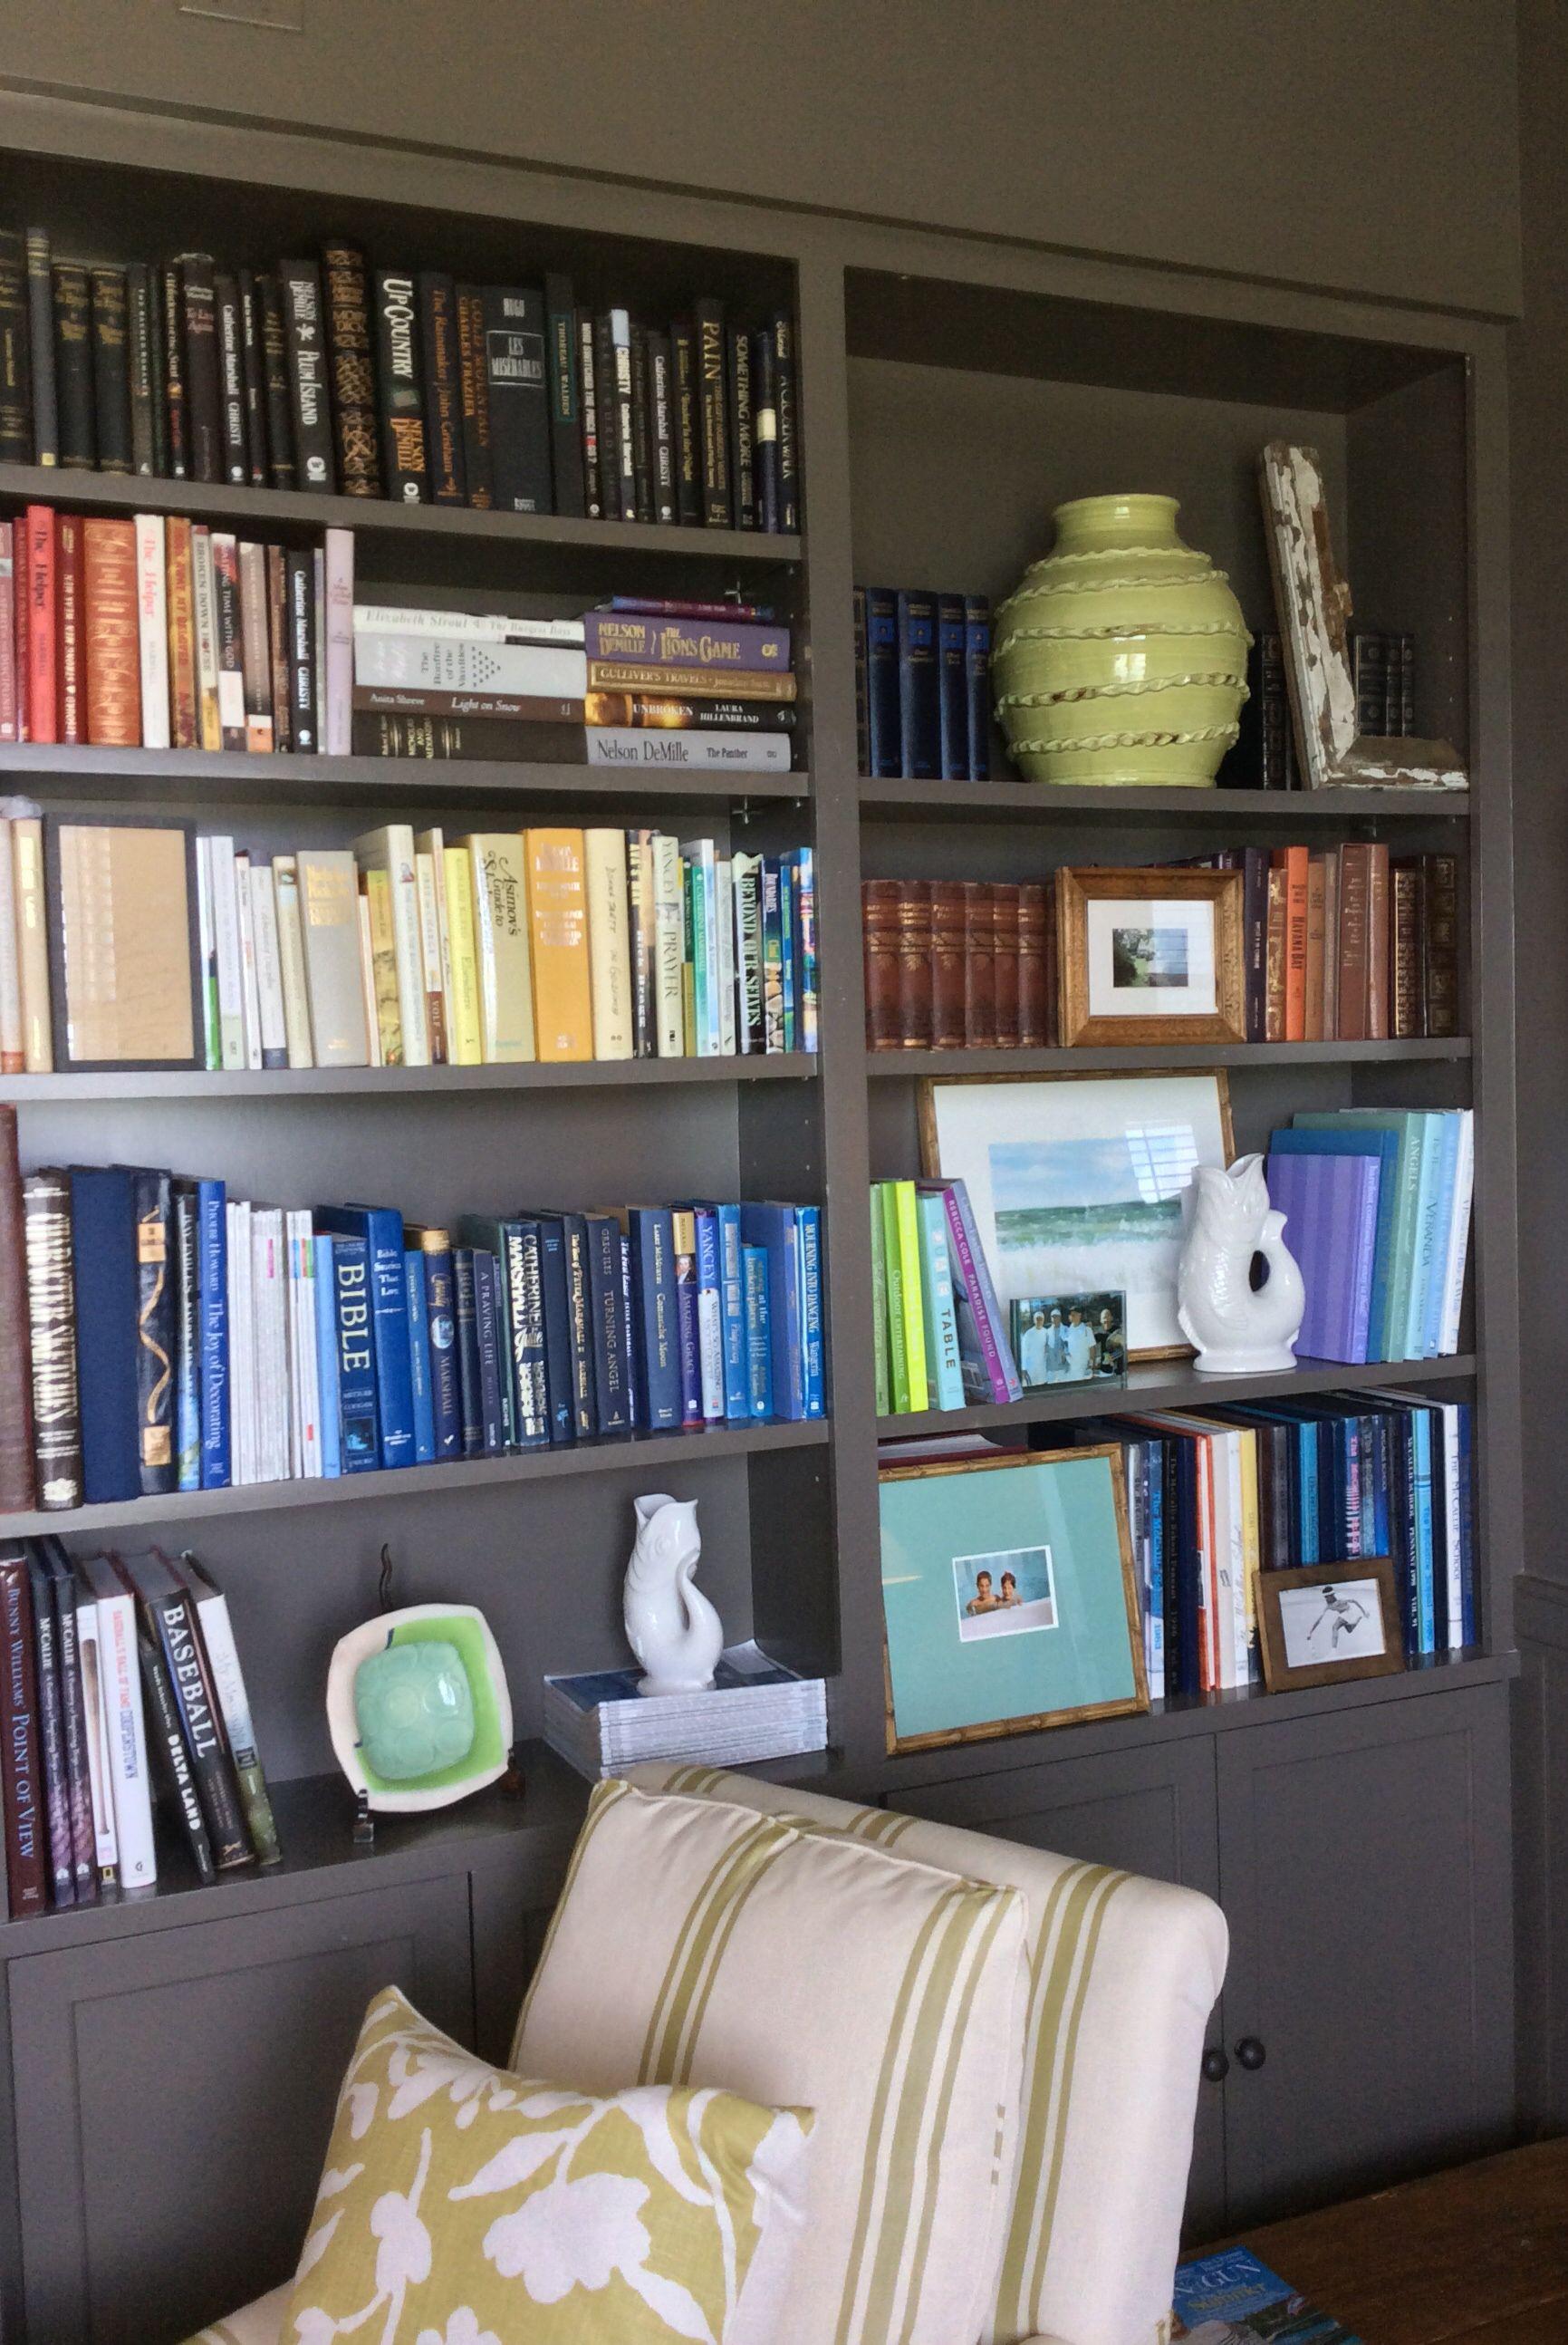 Susan Lesourd Interiors Walls, Bookshelves, Trim Benjamin Moore Deep Creek